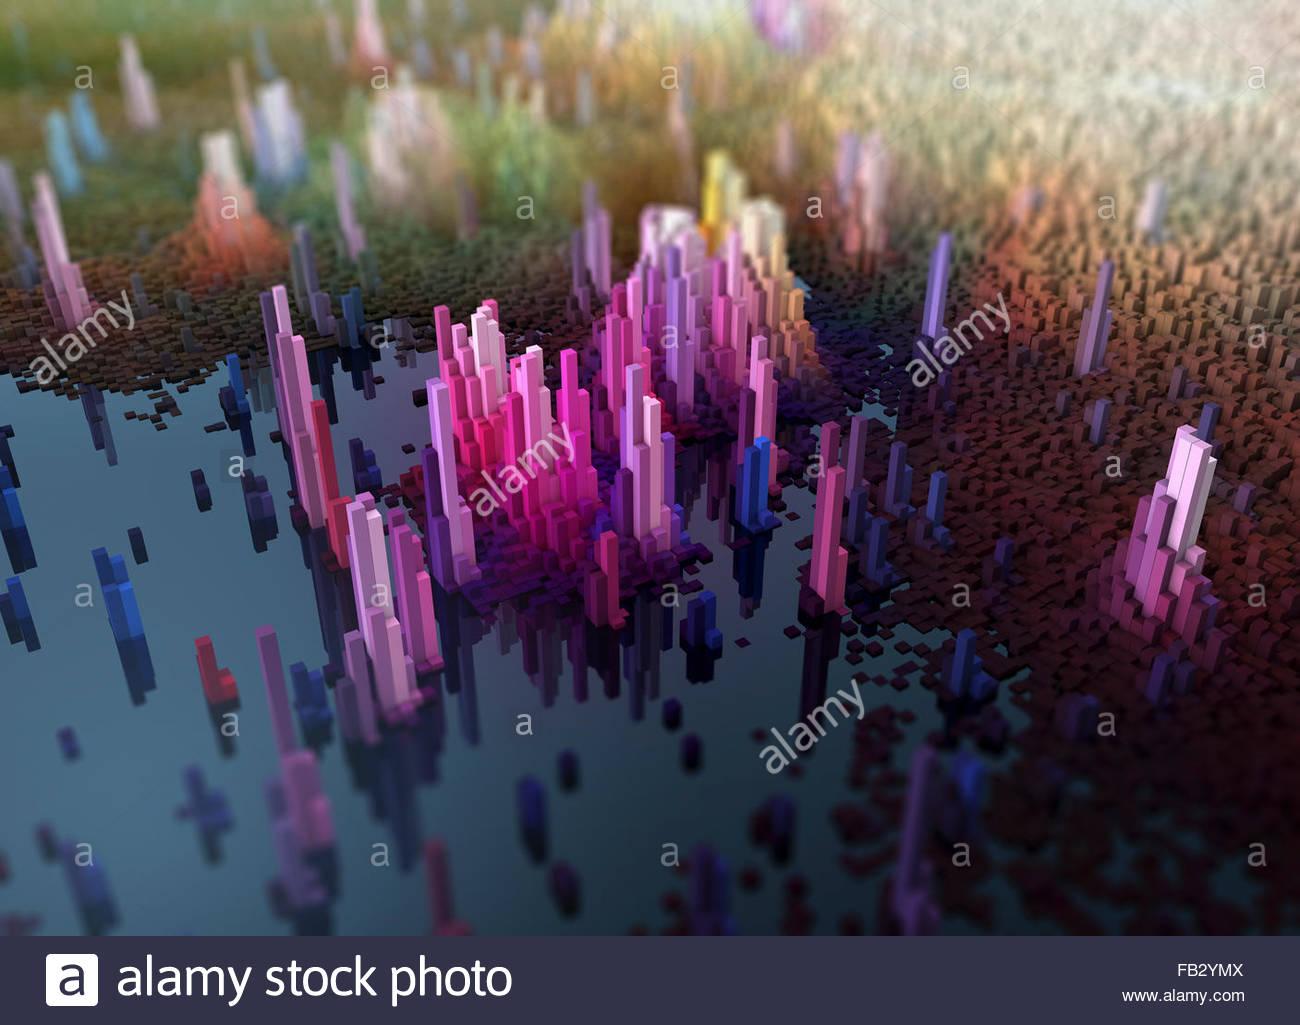 La topographie de la ville en trois dimensions abstraites Photo Stock